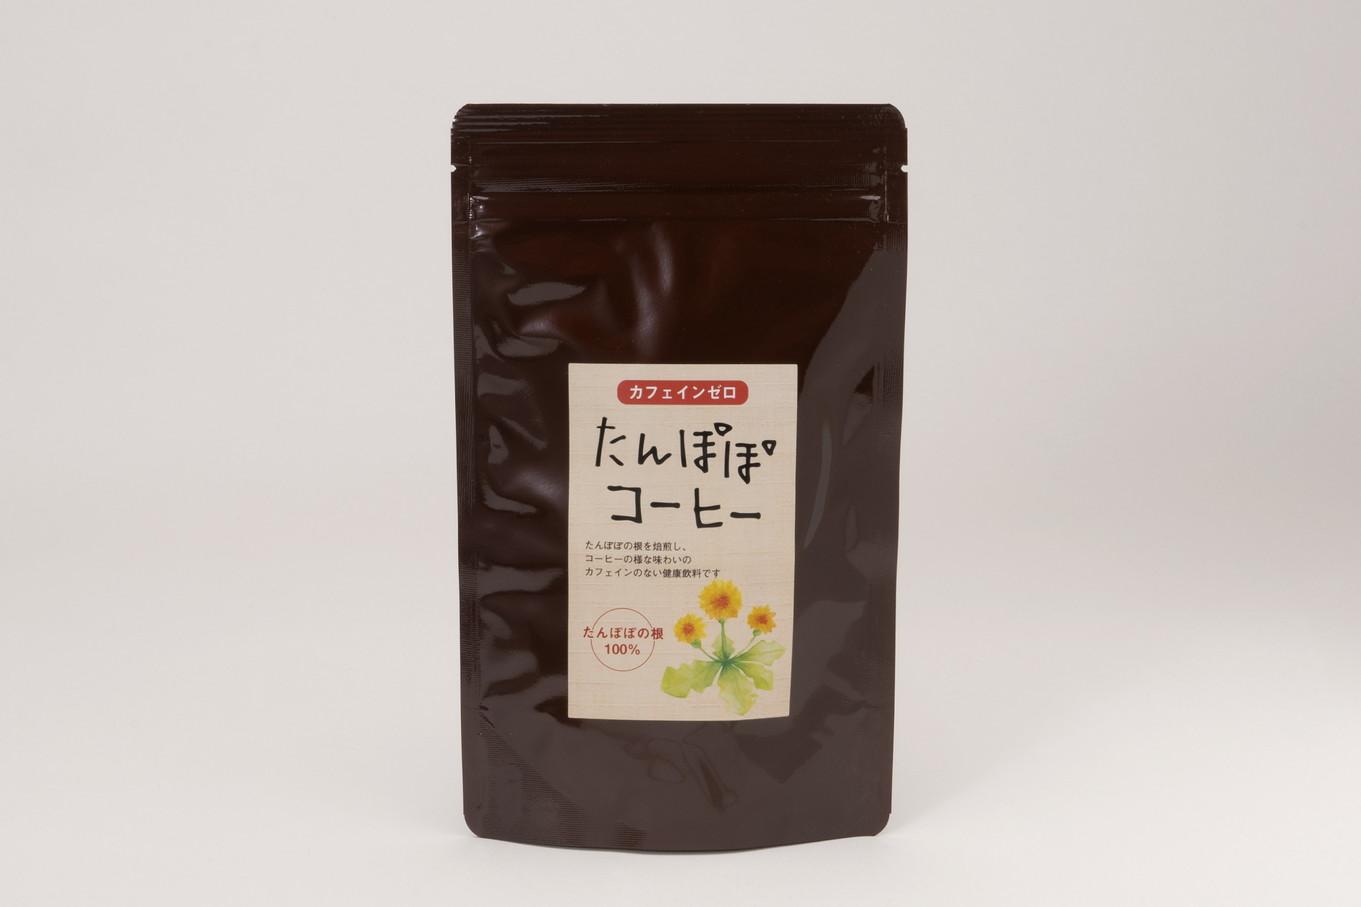 たんぽぽコーヒー(2g×15)